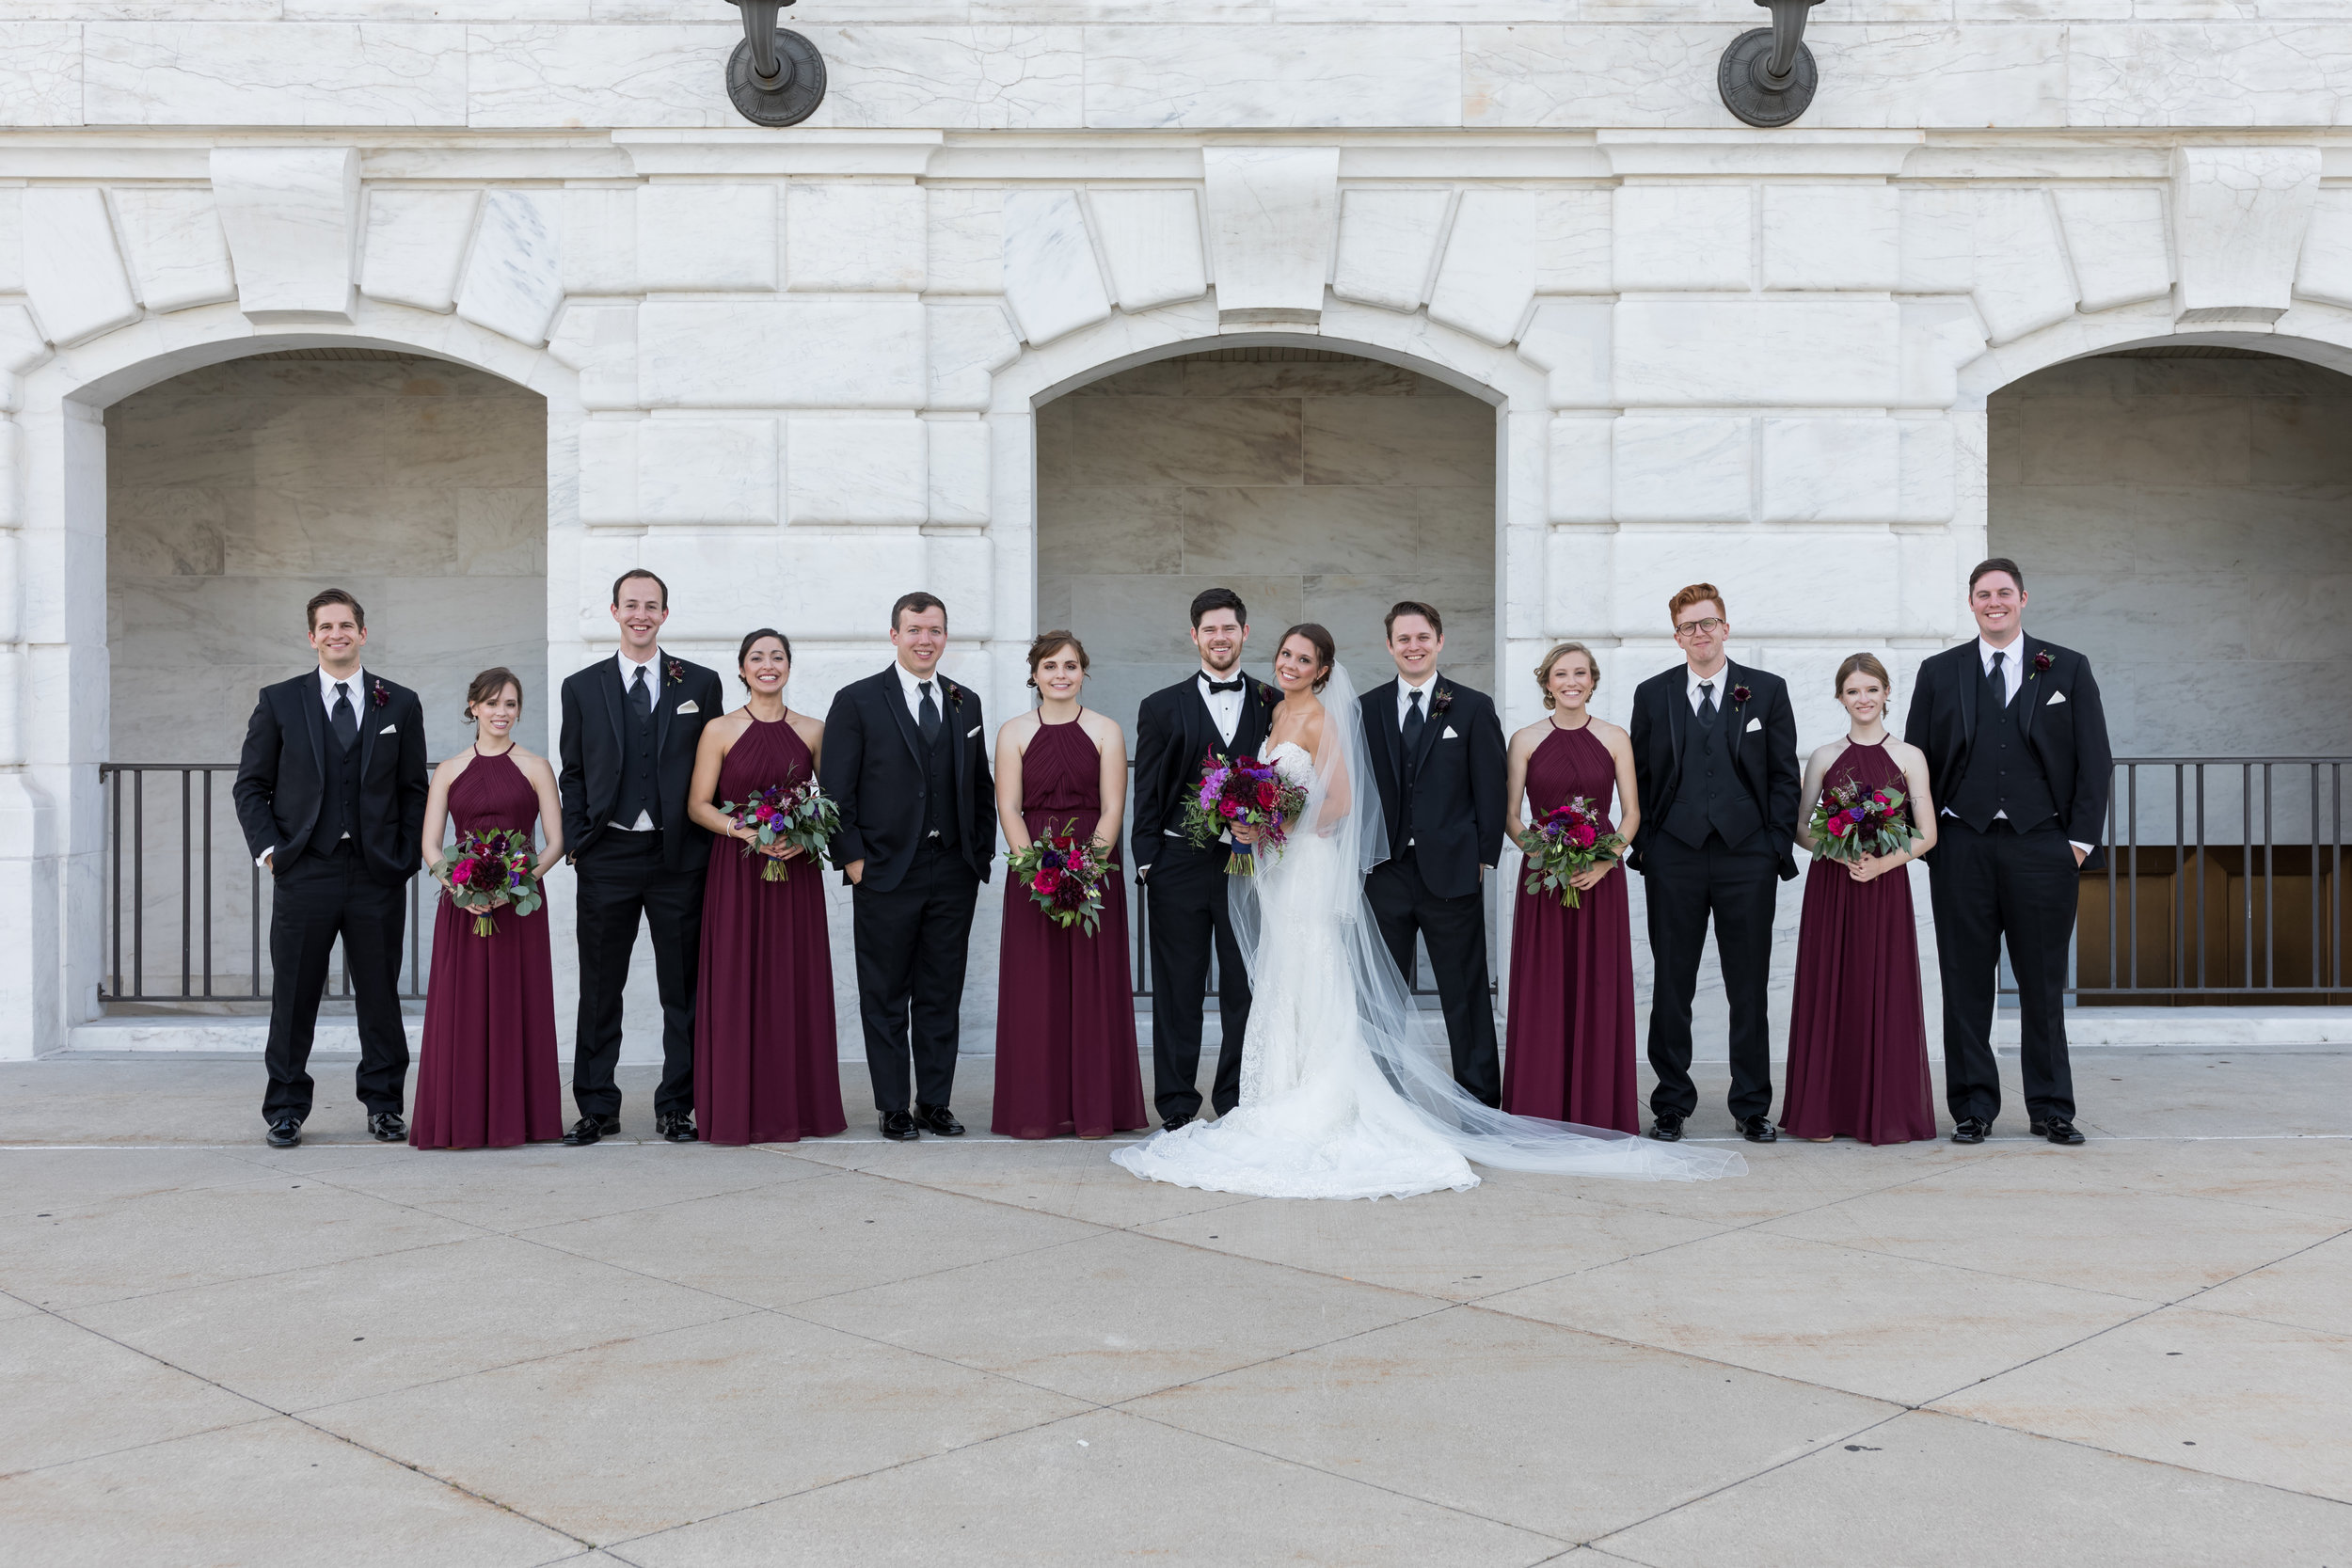 shareyah_John_detroit_wedding_preview_032.JPG